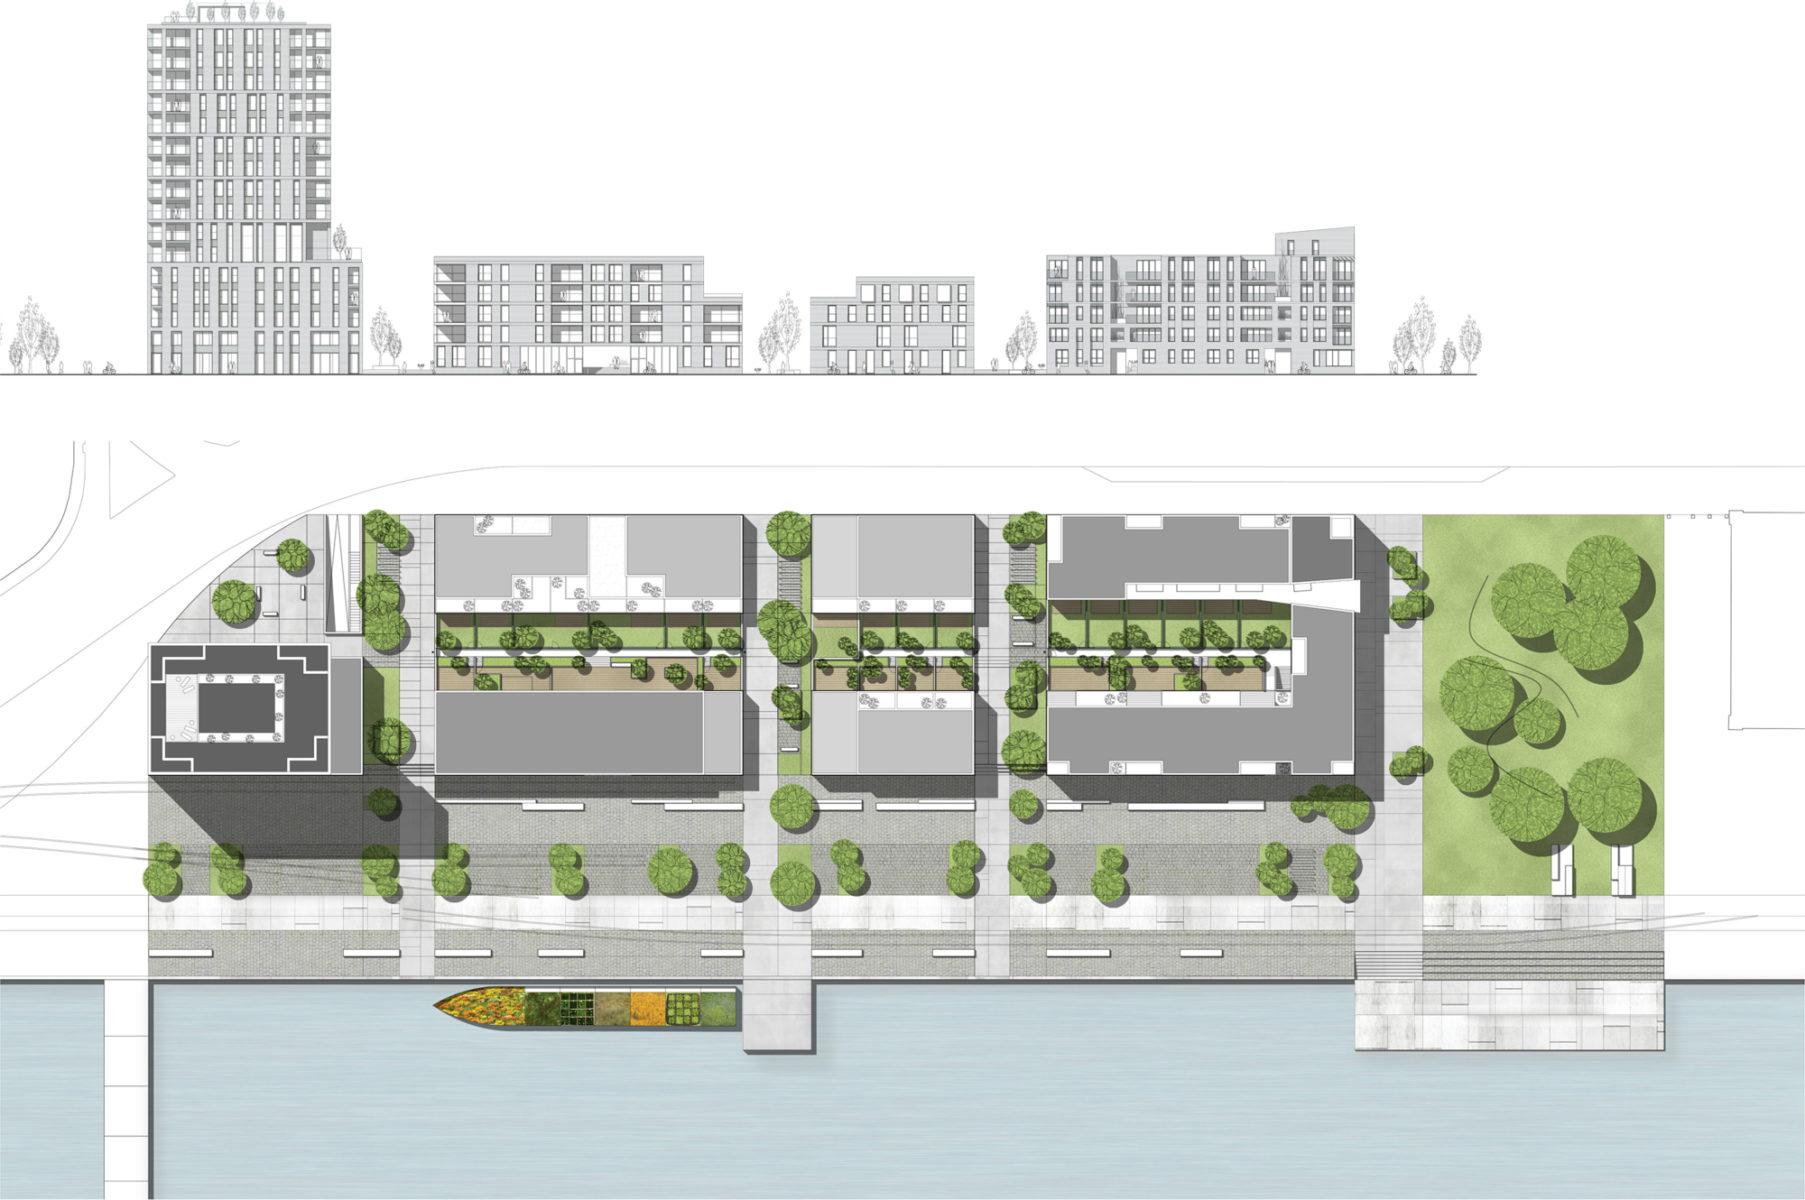 Facade & site plan